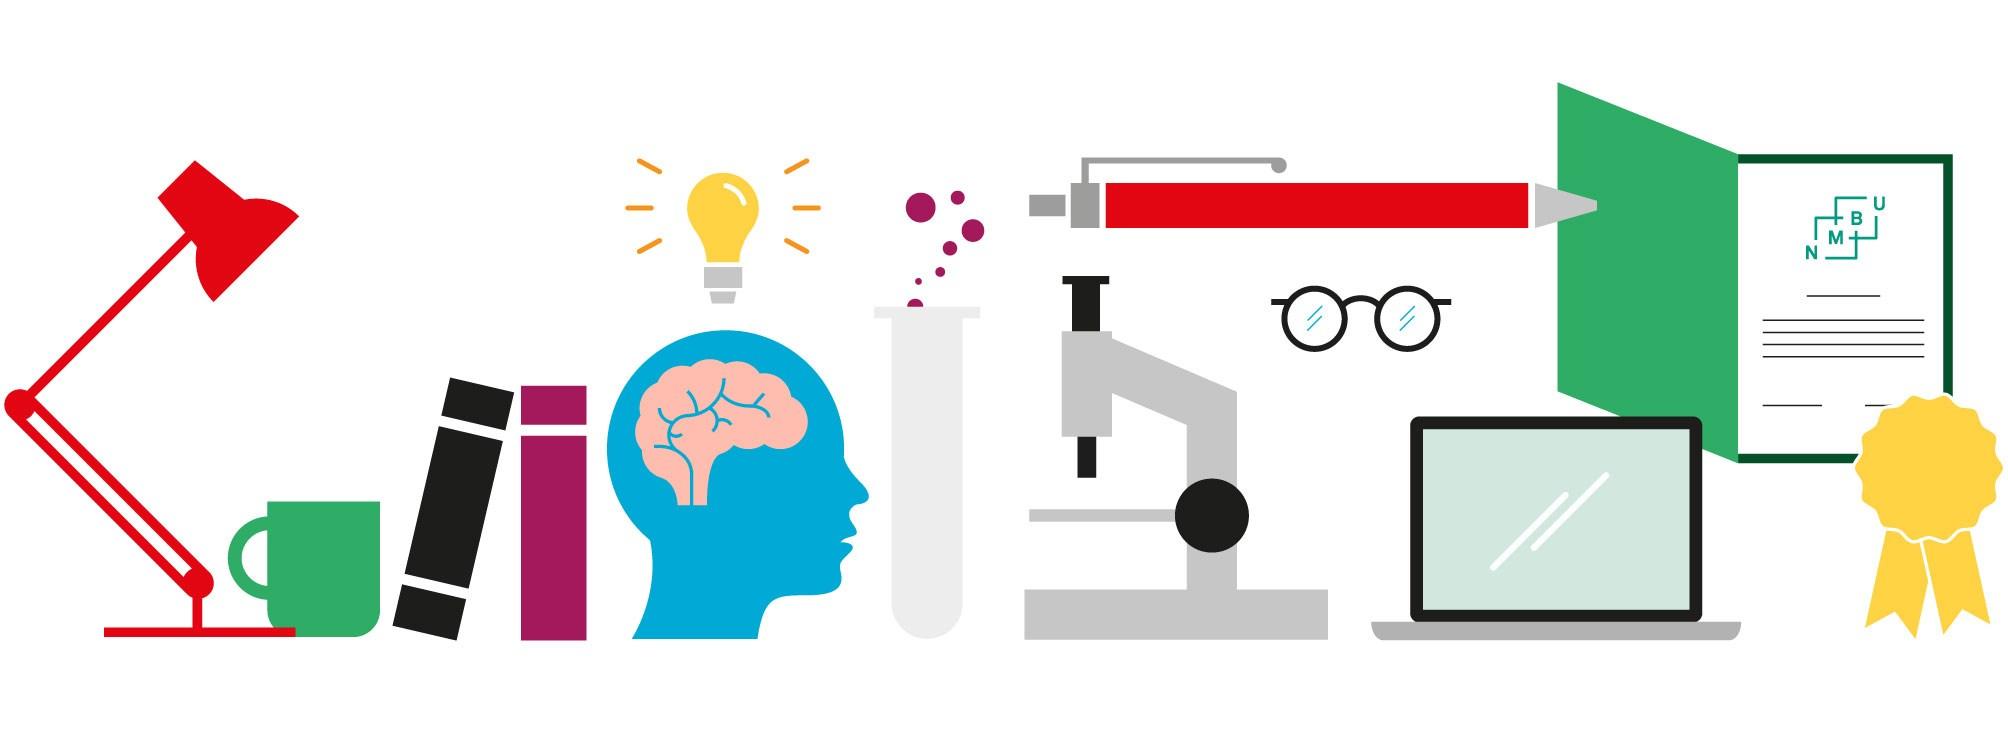 Illustrasjon fremragende forskning og utdanning